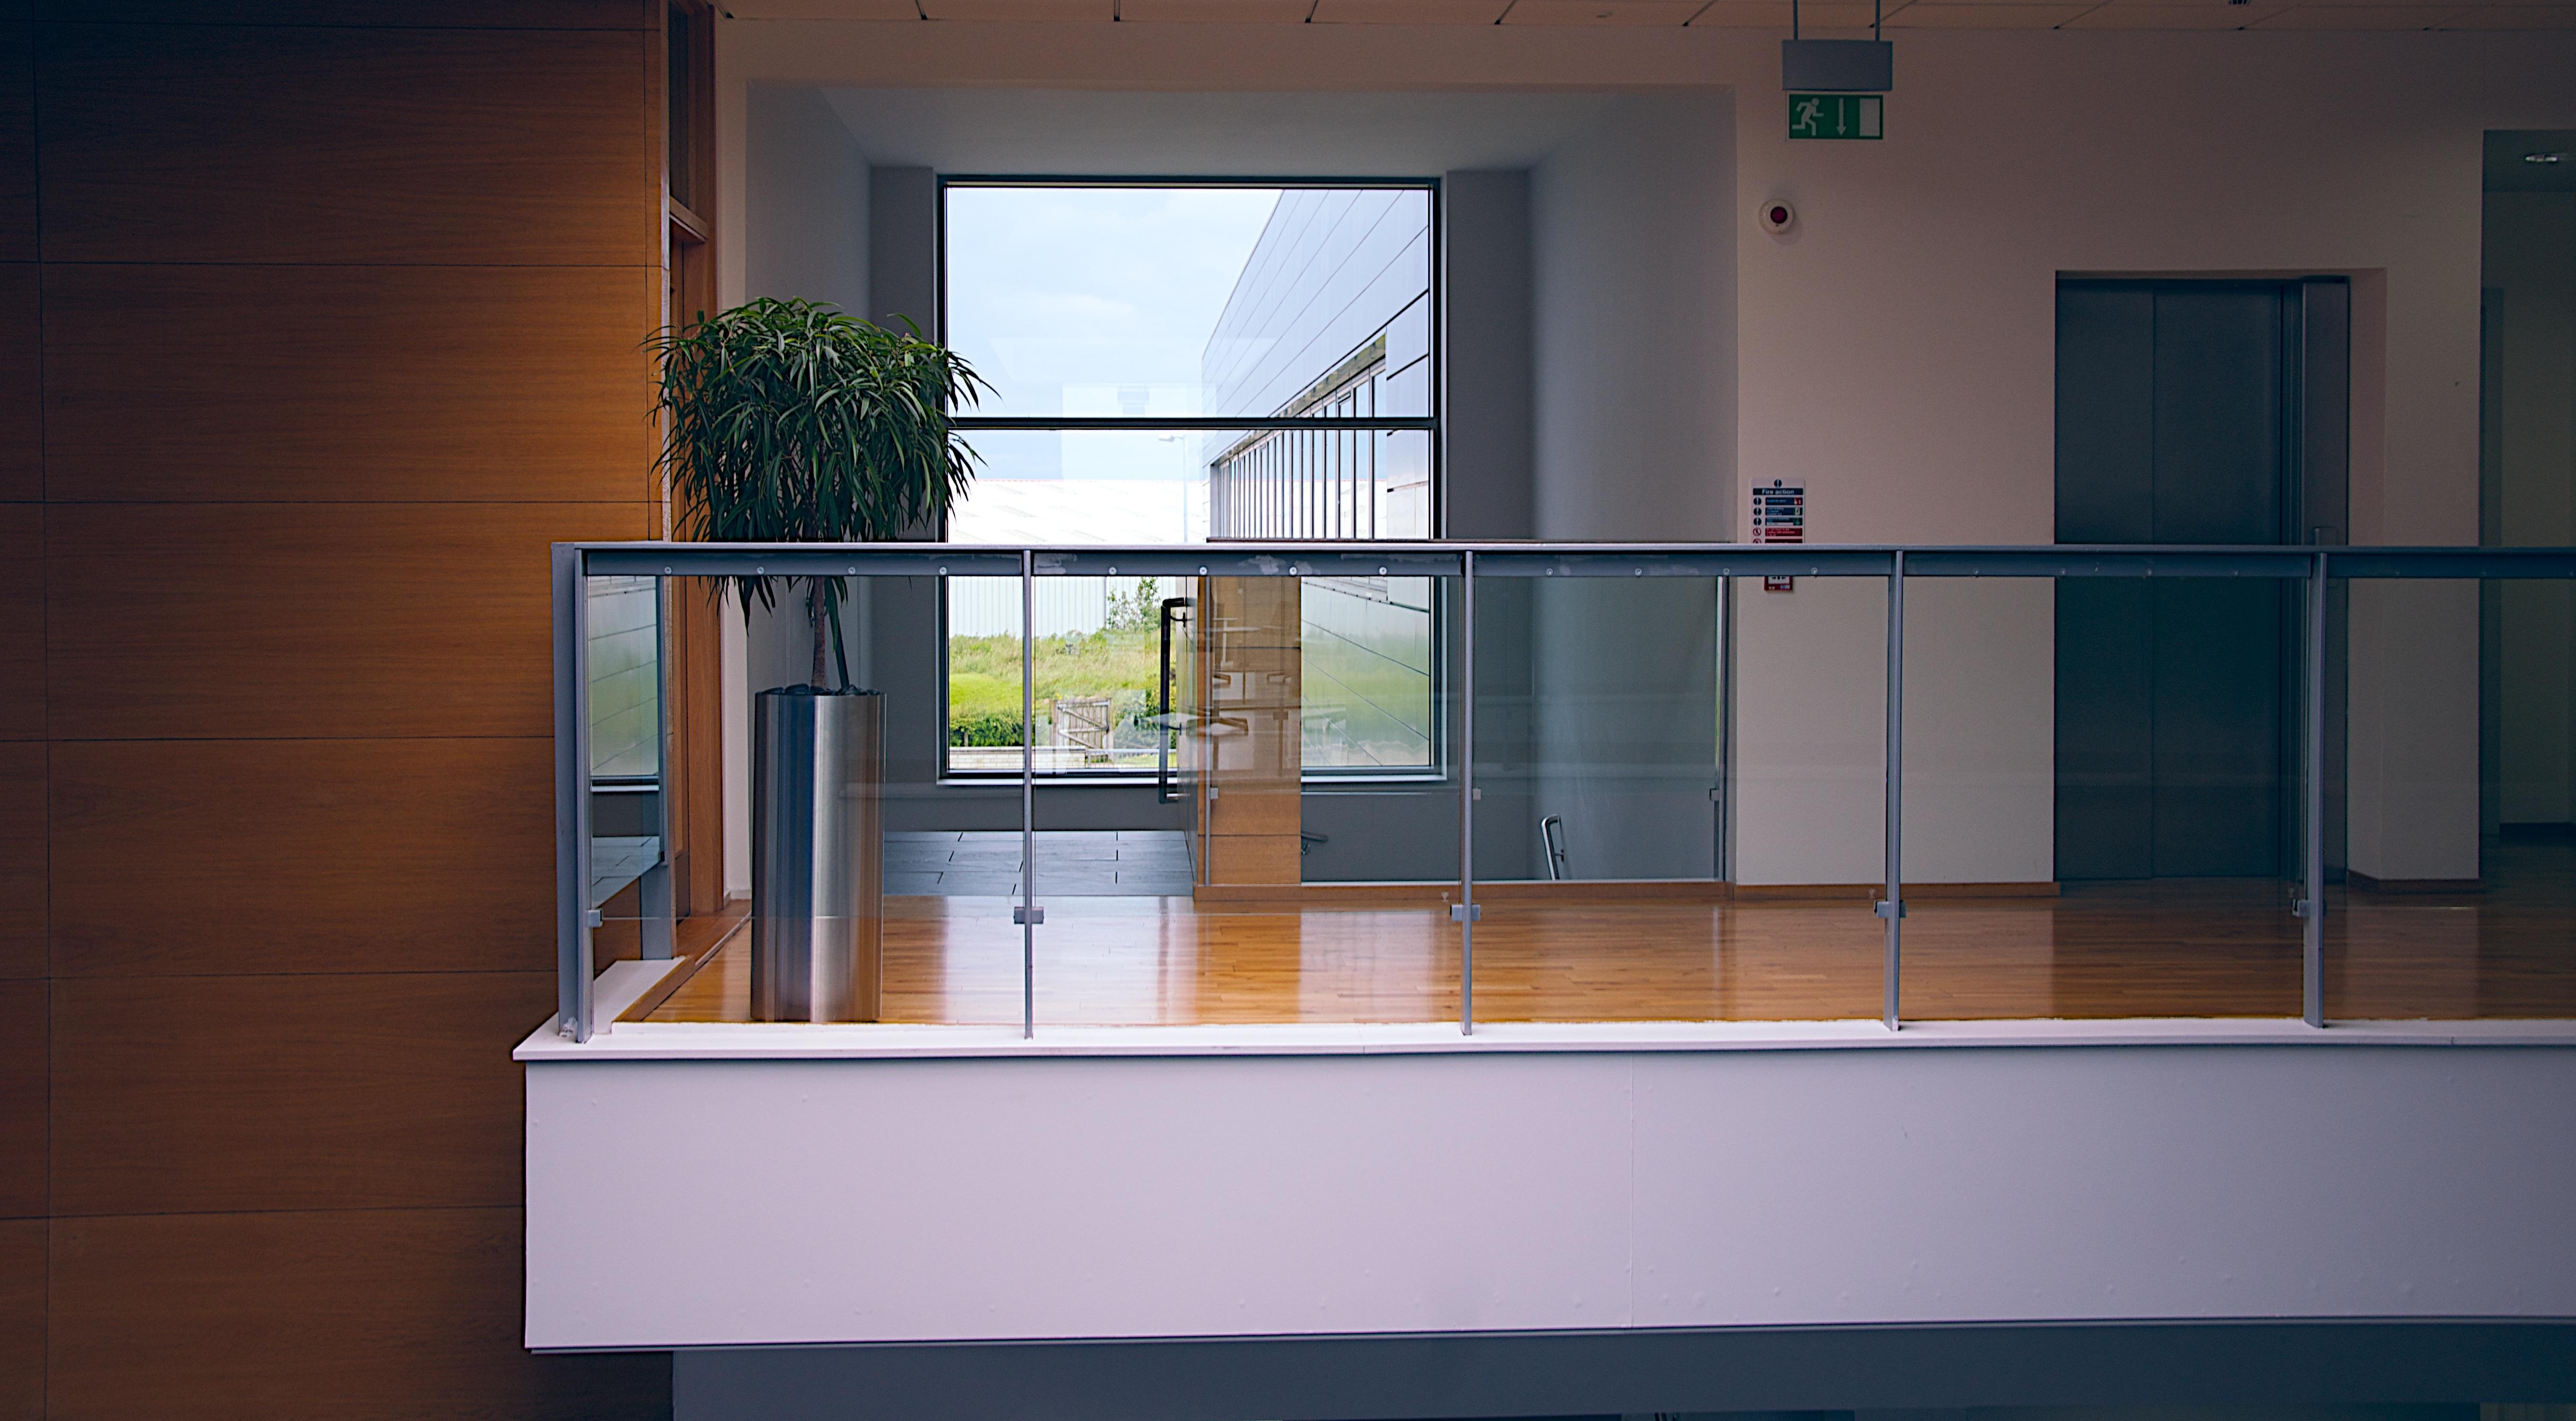 modern-office-1044807